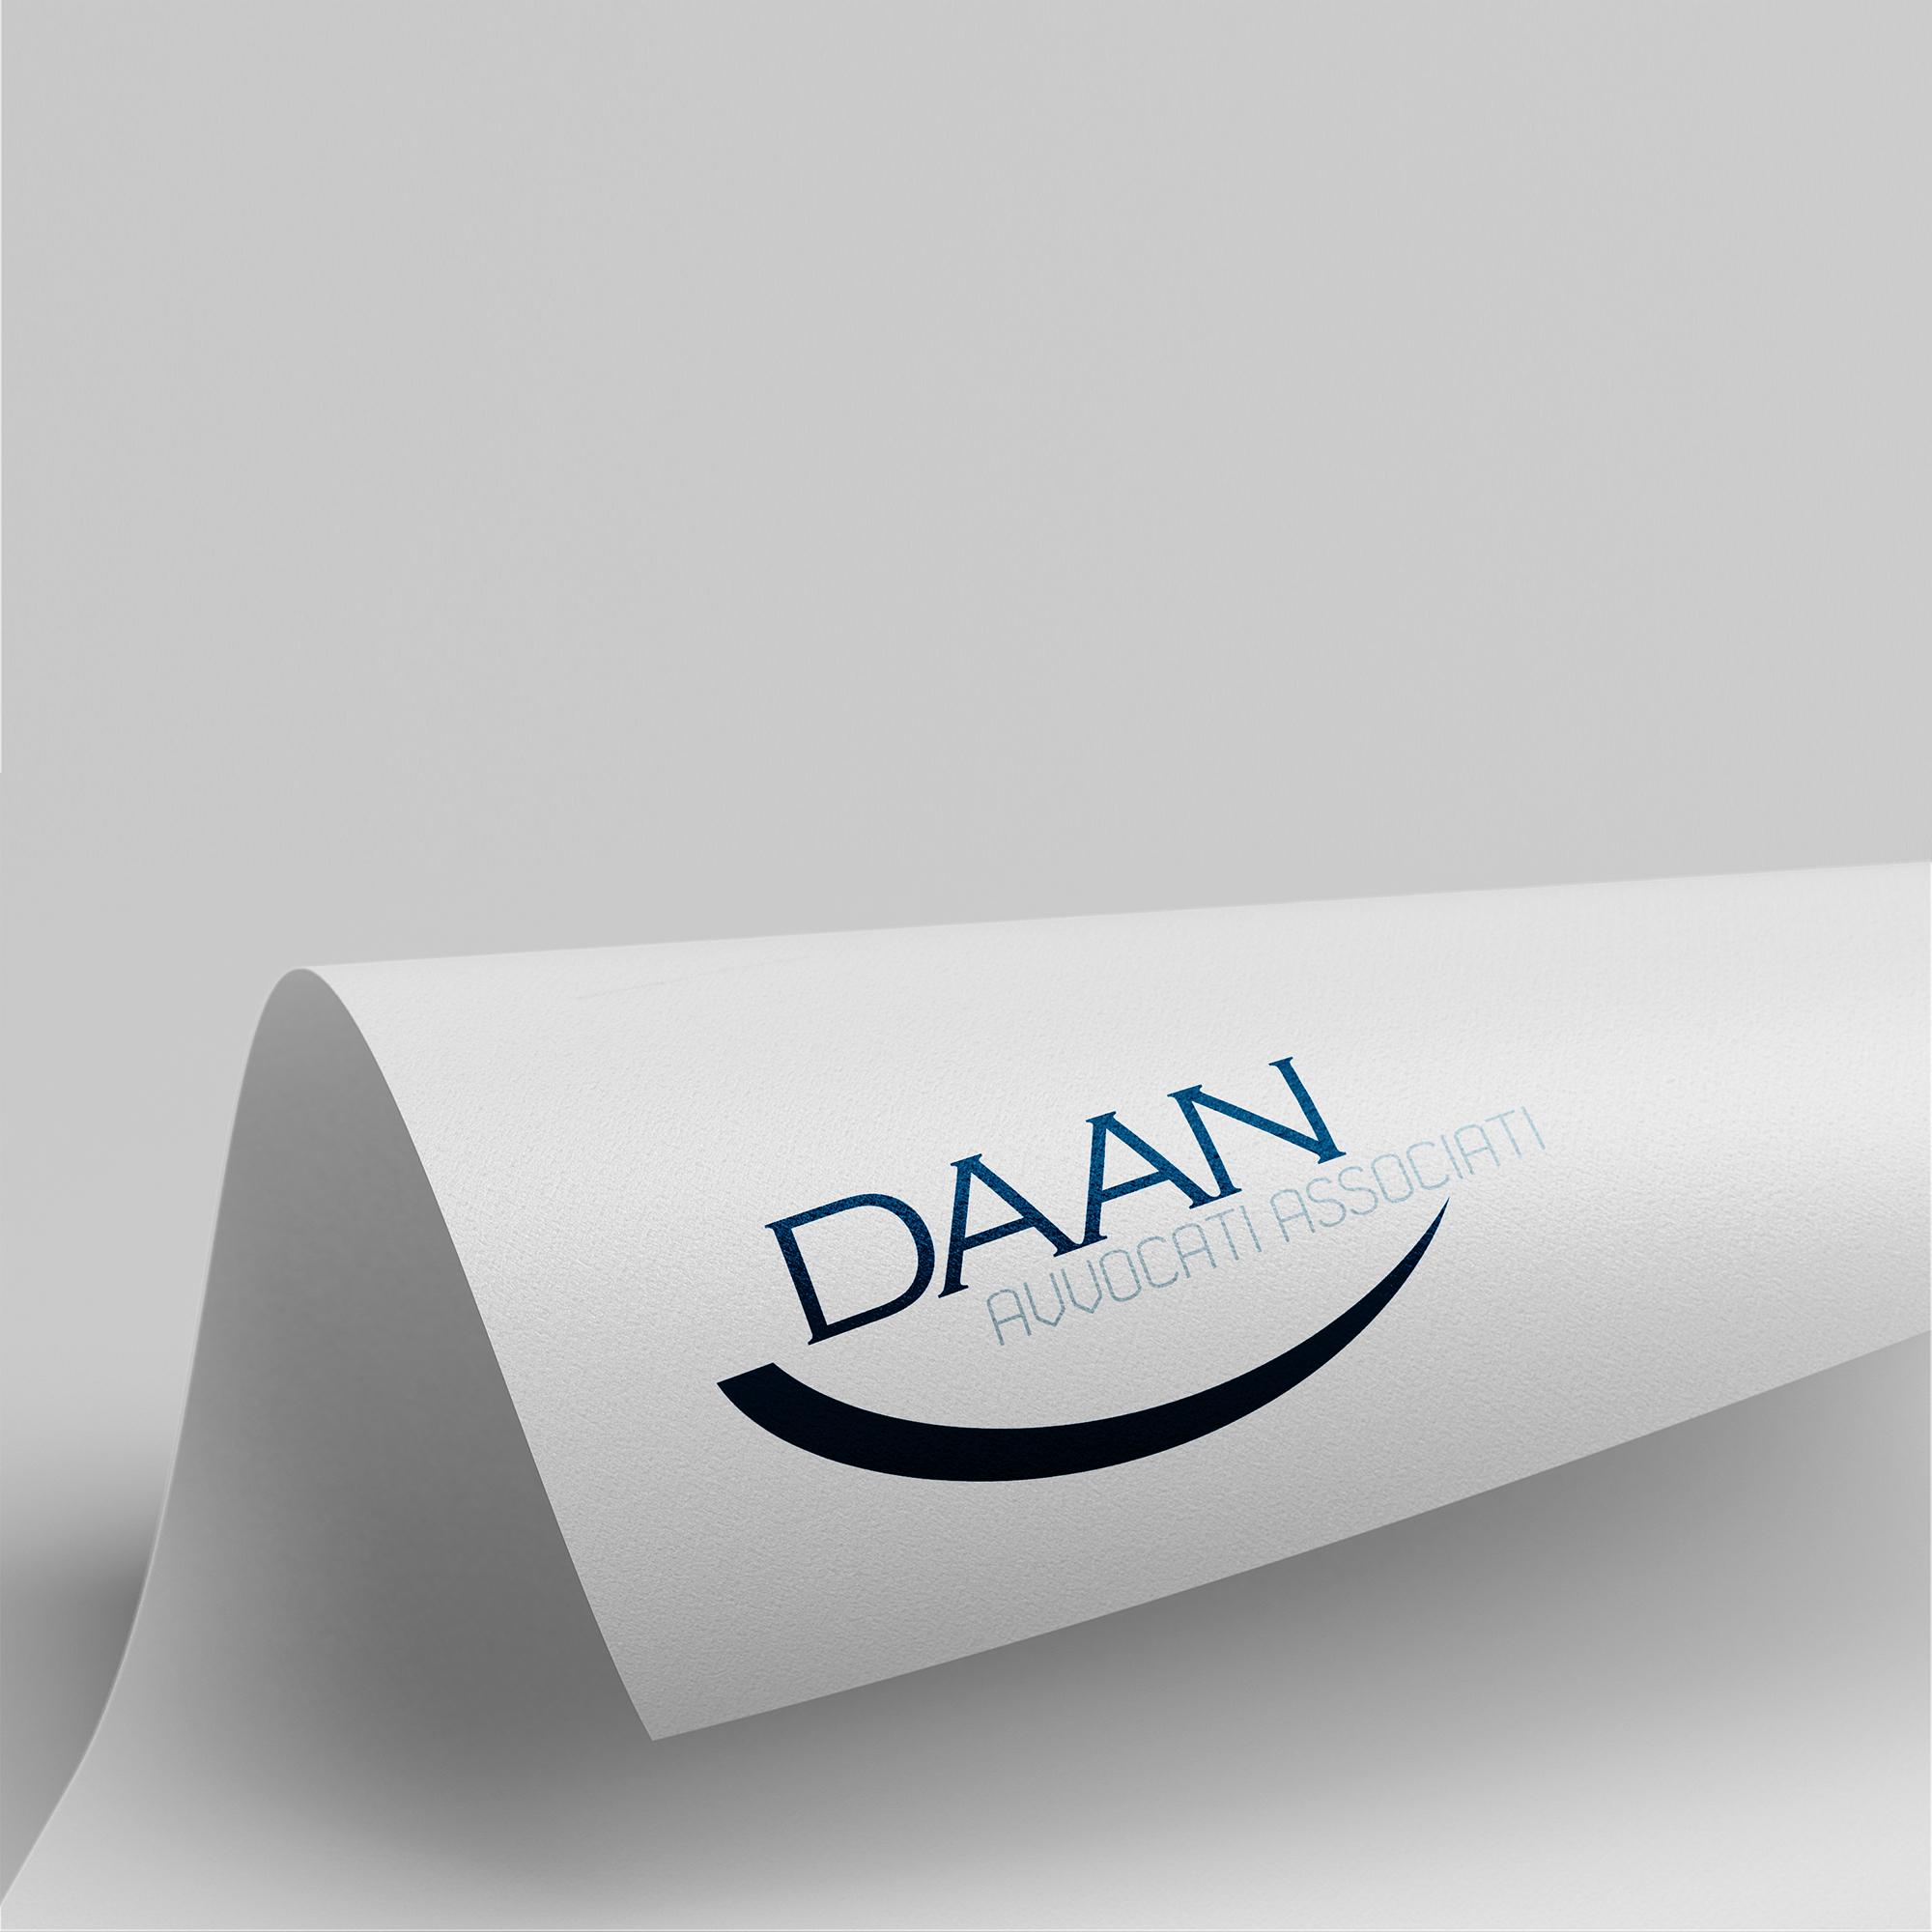 DAAN logo